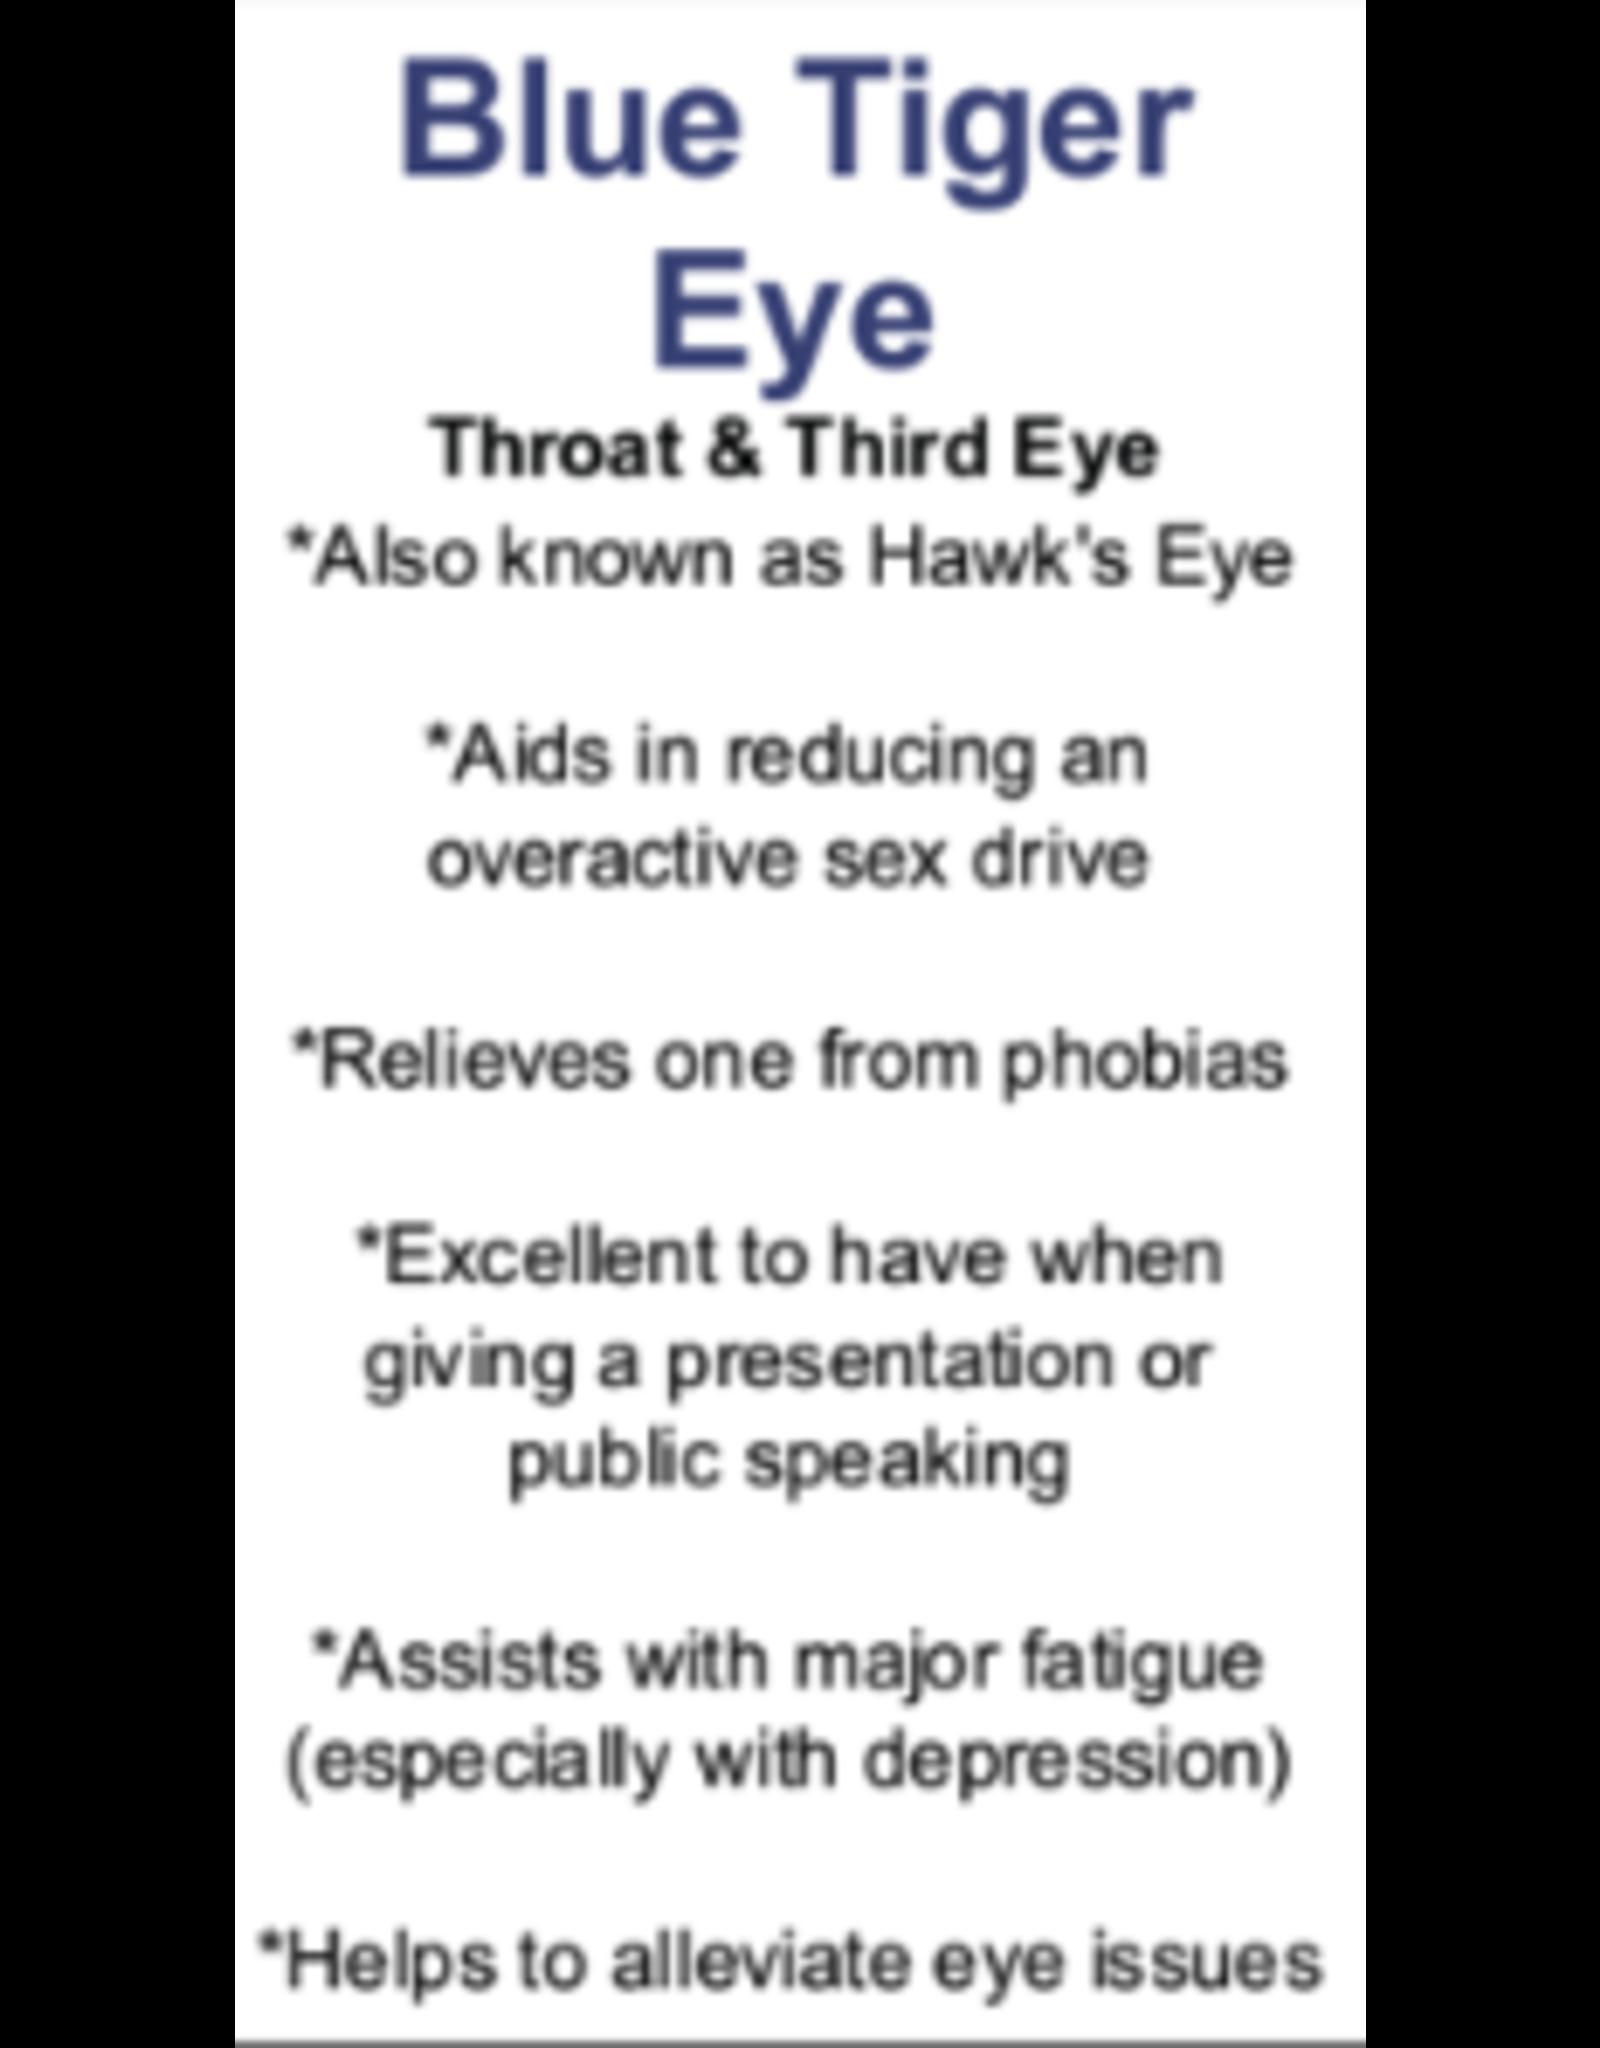 Blue Tiger Eye/Hawks Eye Palm/Pillow Stone